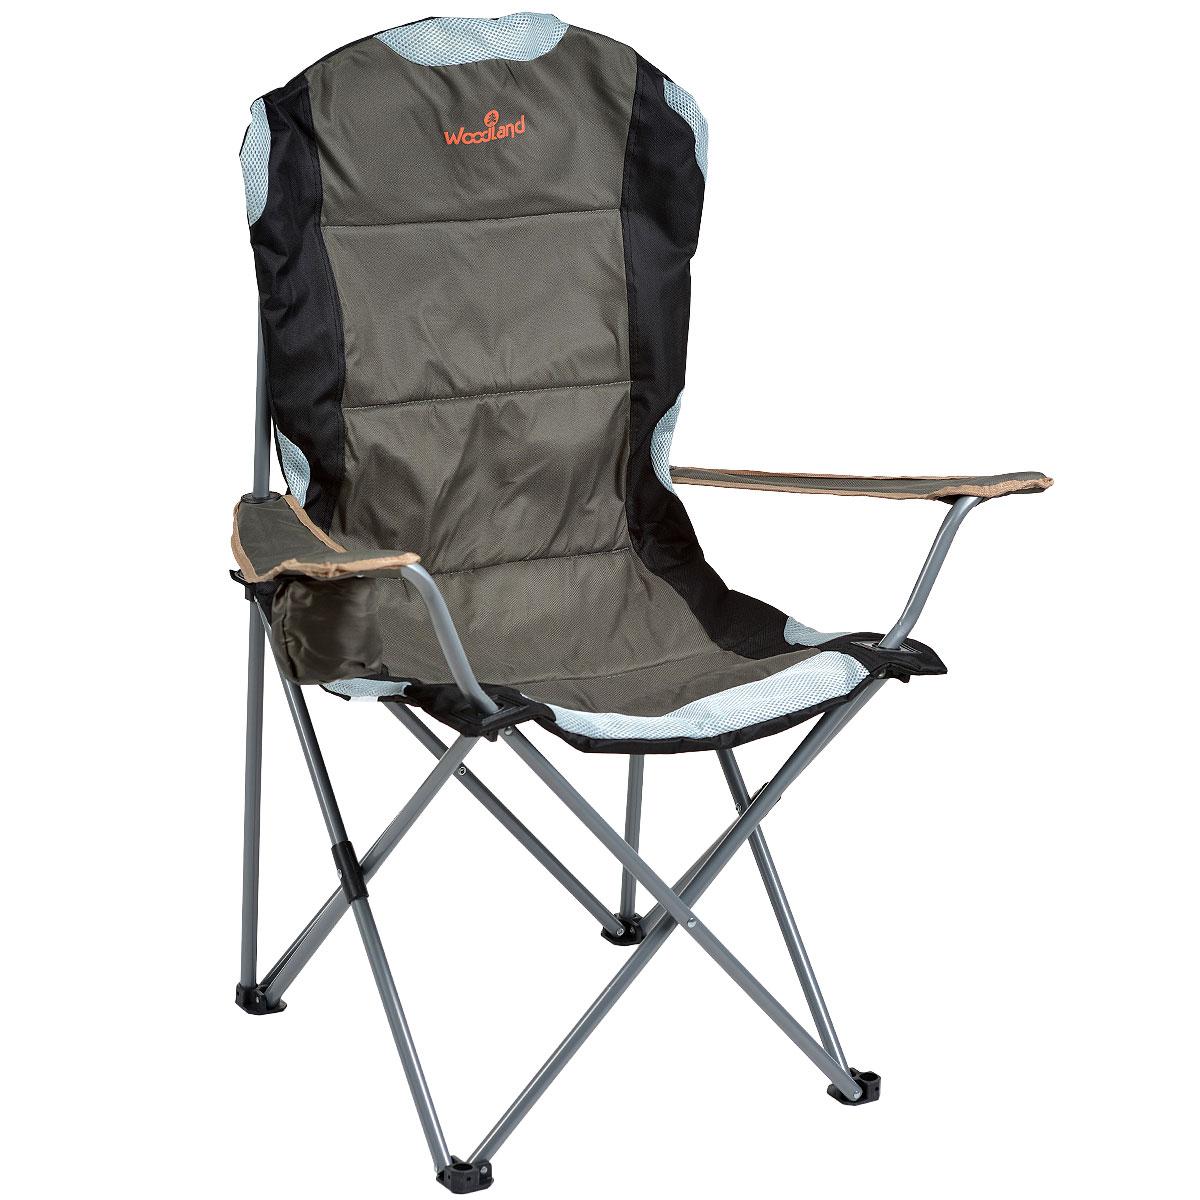 Кресло складное Woodland Deluxe, 63 см x 63 см x 110 см0036502Складное кресло Woodland Deluxe предназначено для создания комфортных условий в туристических походах, охоте, рыбалке и кемпинге. Особенности: Компактная складная конструкция. Прочный стальной каркас с покрытием, диаметр 18 мм. Удобные подлокотники с отделением для напитка. Водоотталкивающее ПВХ покрытие ткани Oxford 600D. В комплекте чехол для перевозки.